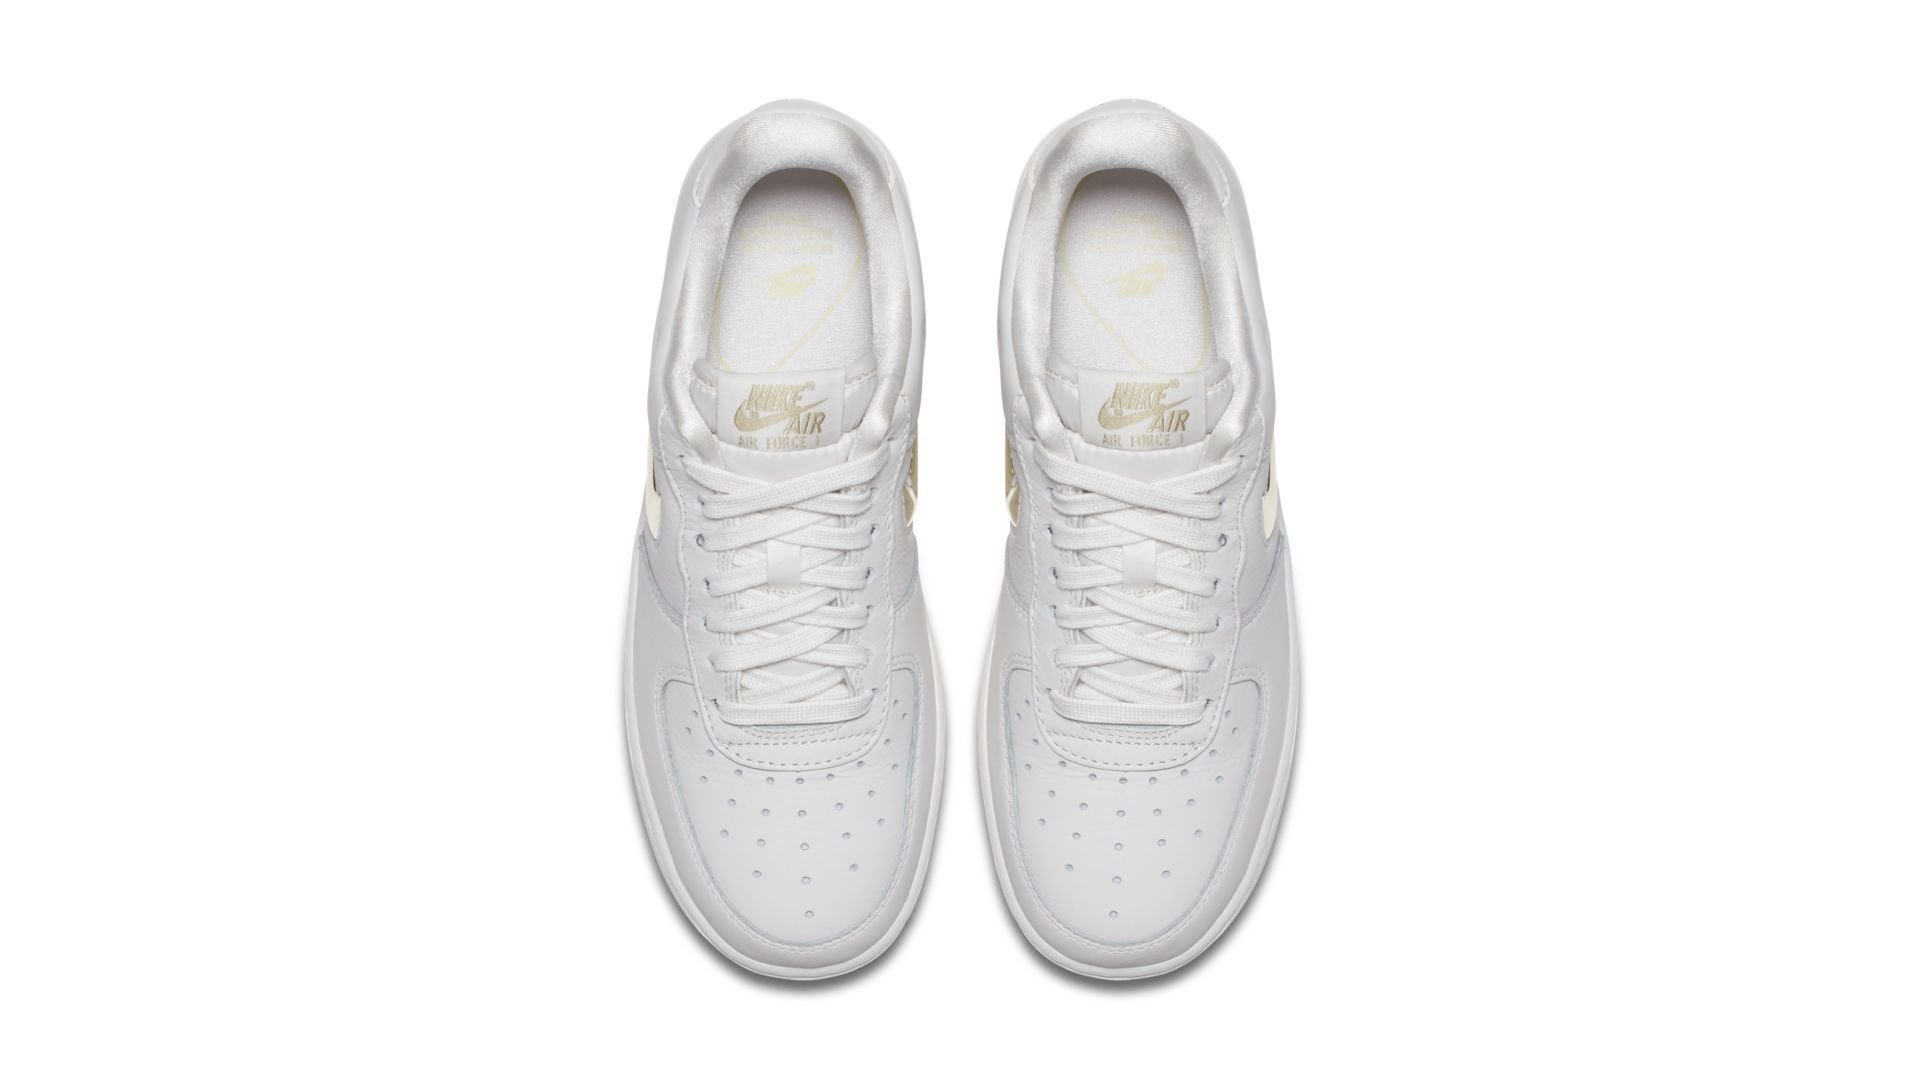 Nike Wmns Air Force 1 `07 Premium LX  (AO3814-001)